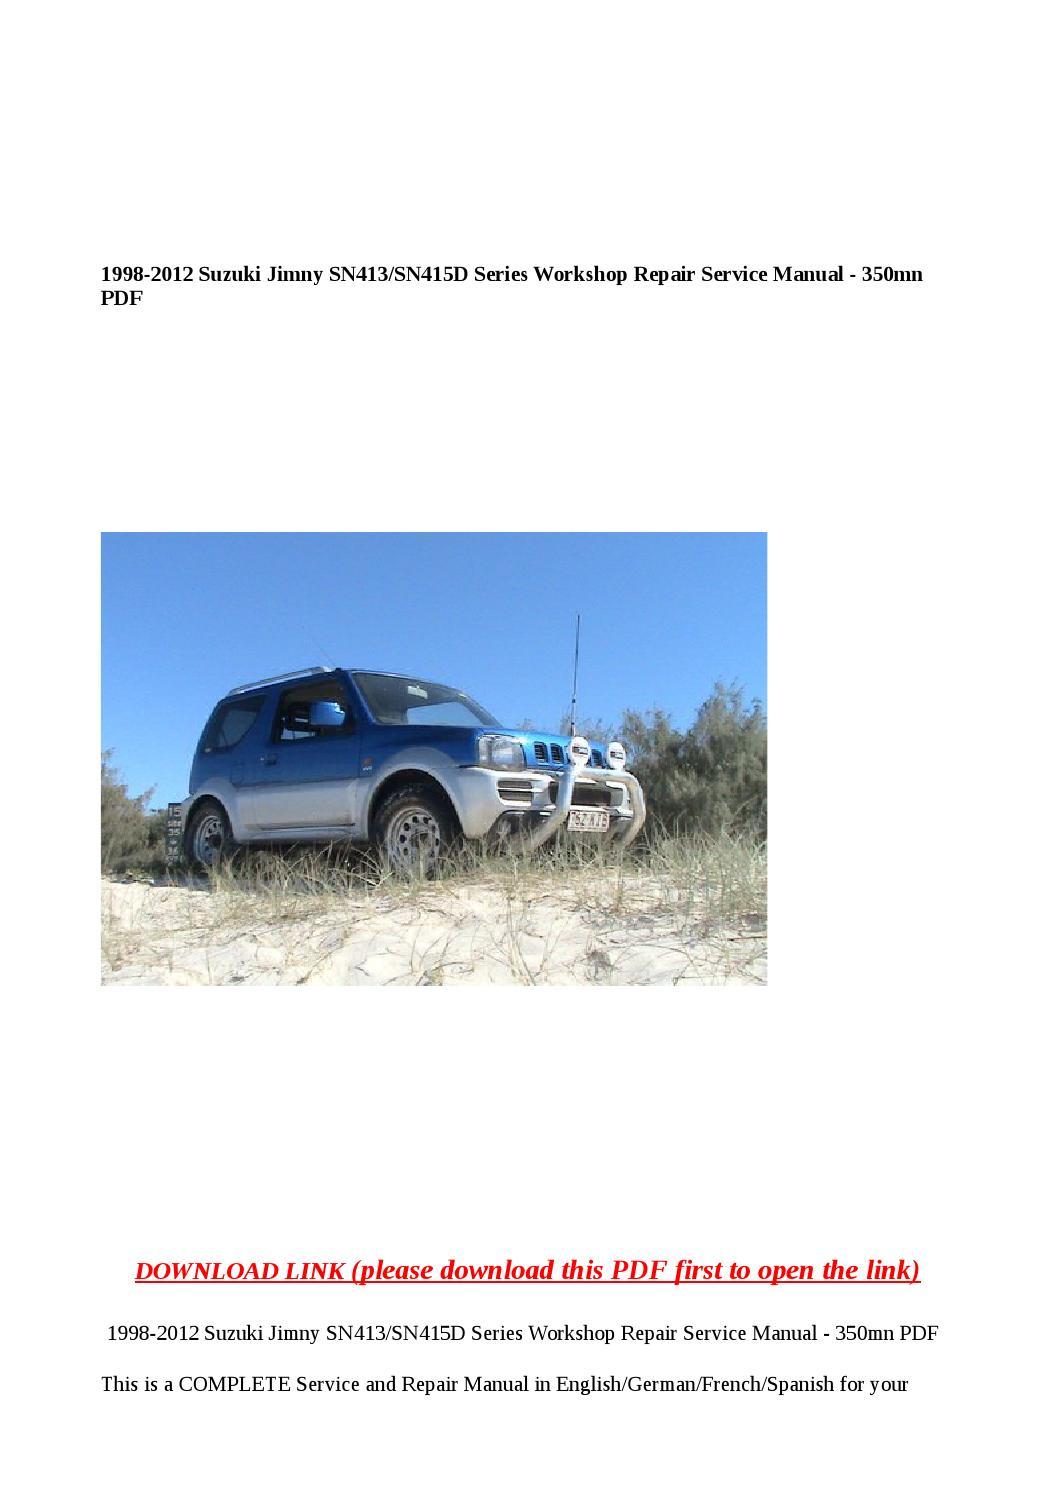 1998 2012 suzuki jimny sn413 sn415d series workshop repair service manual  350mn pdf by buhbu - issuu